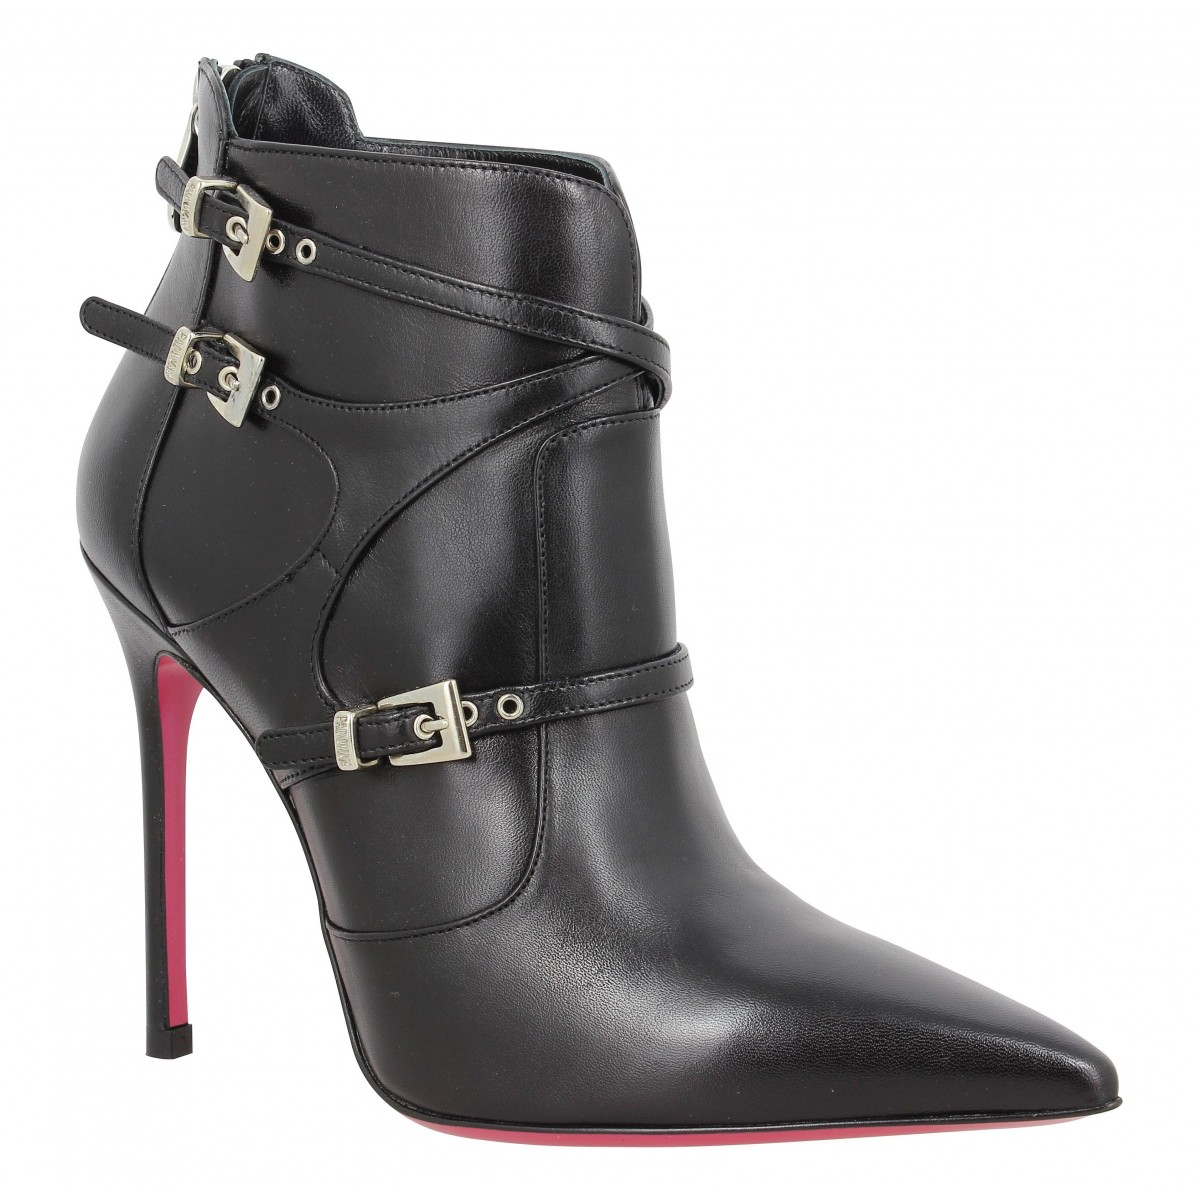 Vente Bottines Femme Pour En Ligne Chaussures qZH8z6wqP